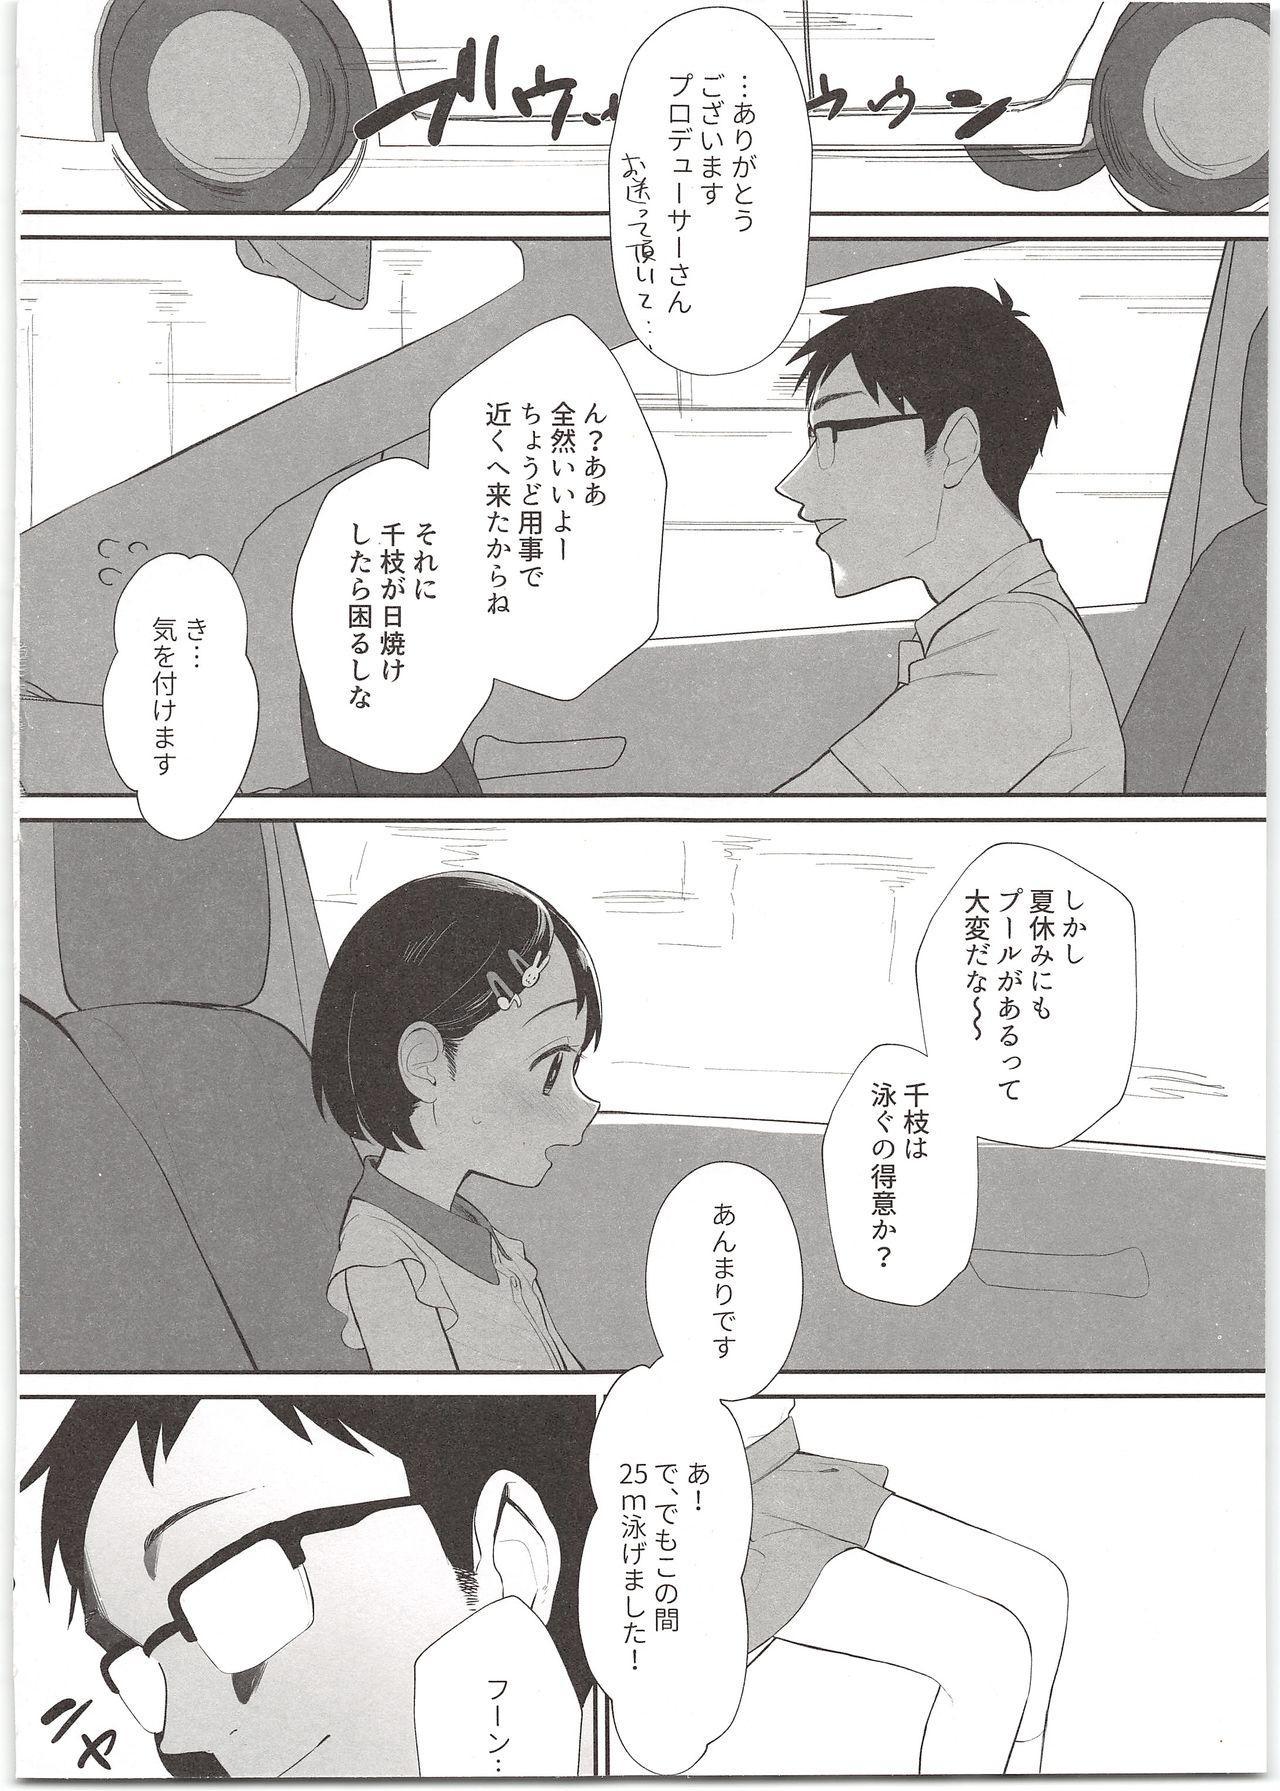 Midara no Shiro Usagi 3